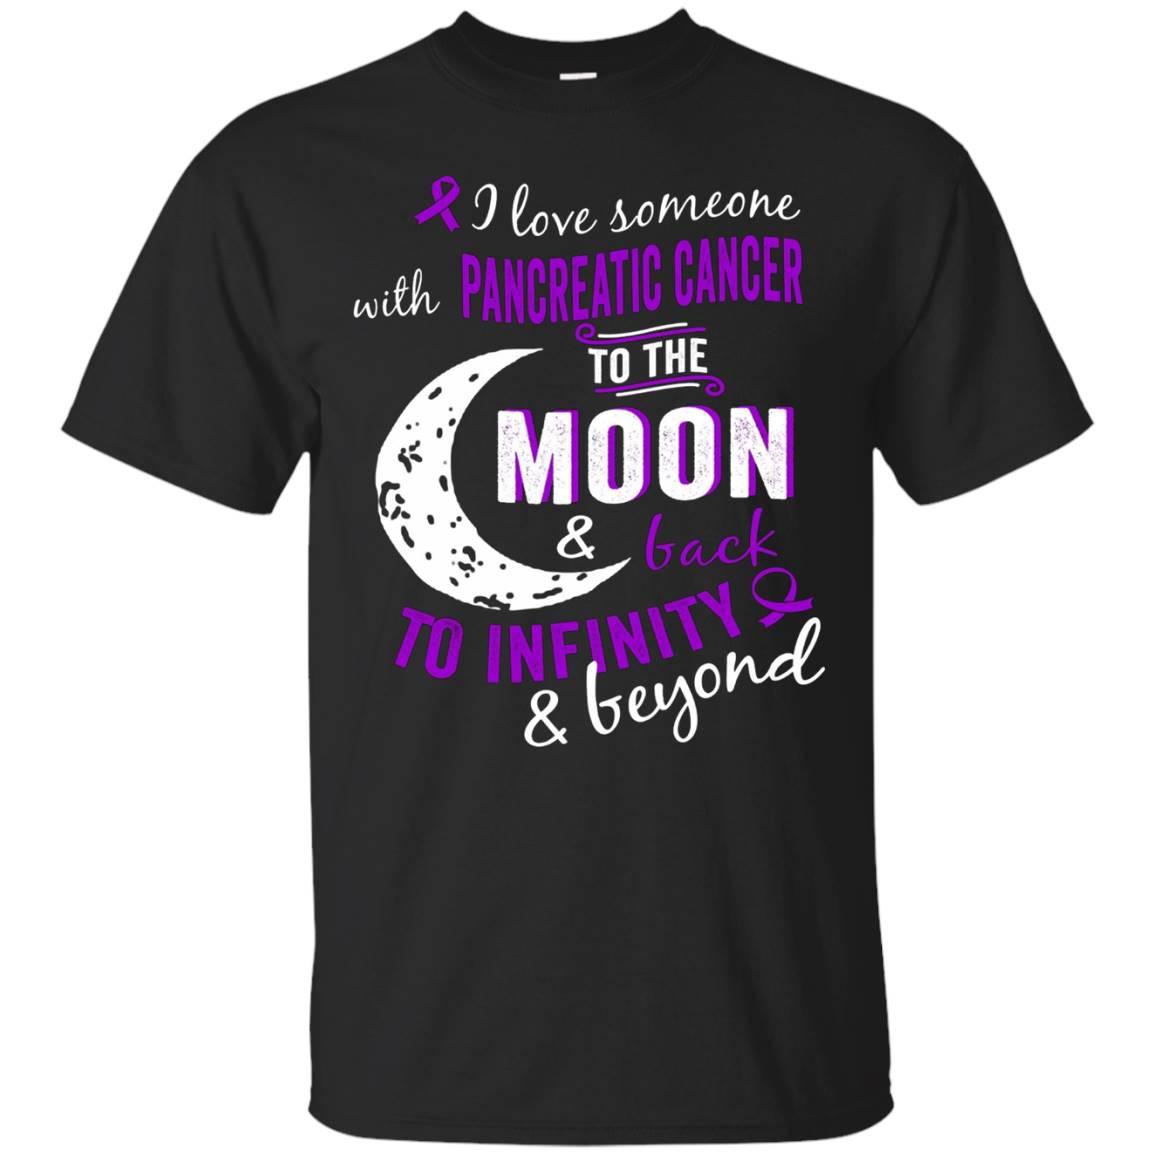 Pancreatic Cancer Shirts – Pancreatic Cancer Awareness Shirt